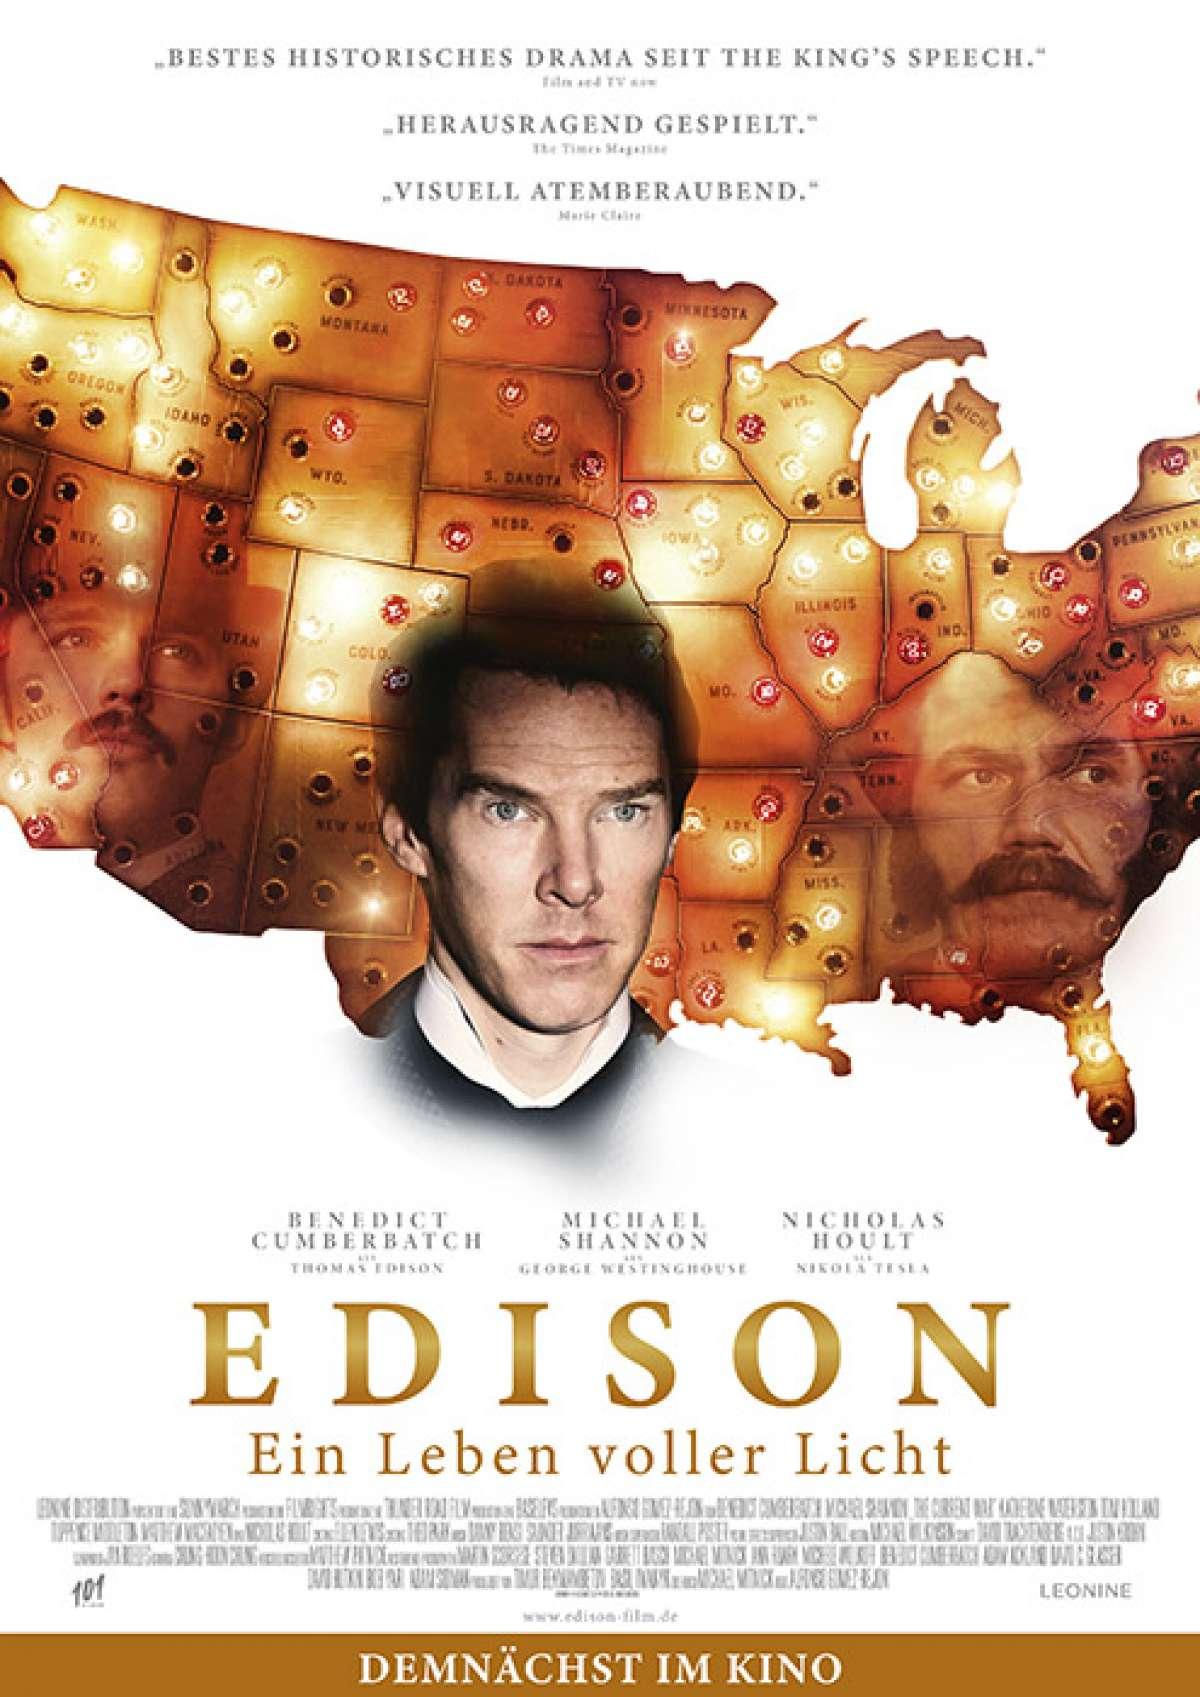 Edison - Ein Leben voller Licht - Cineplex  - Baunatal